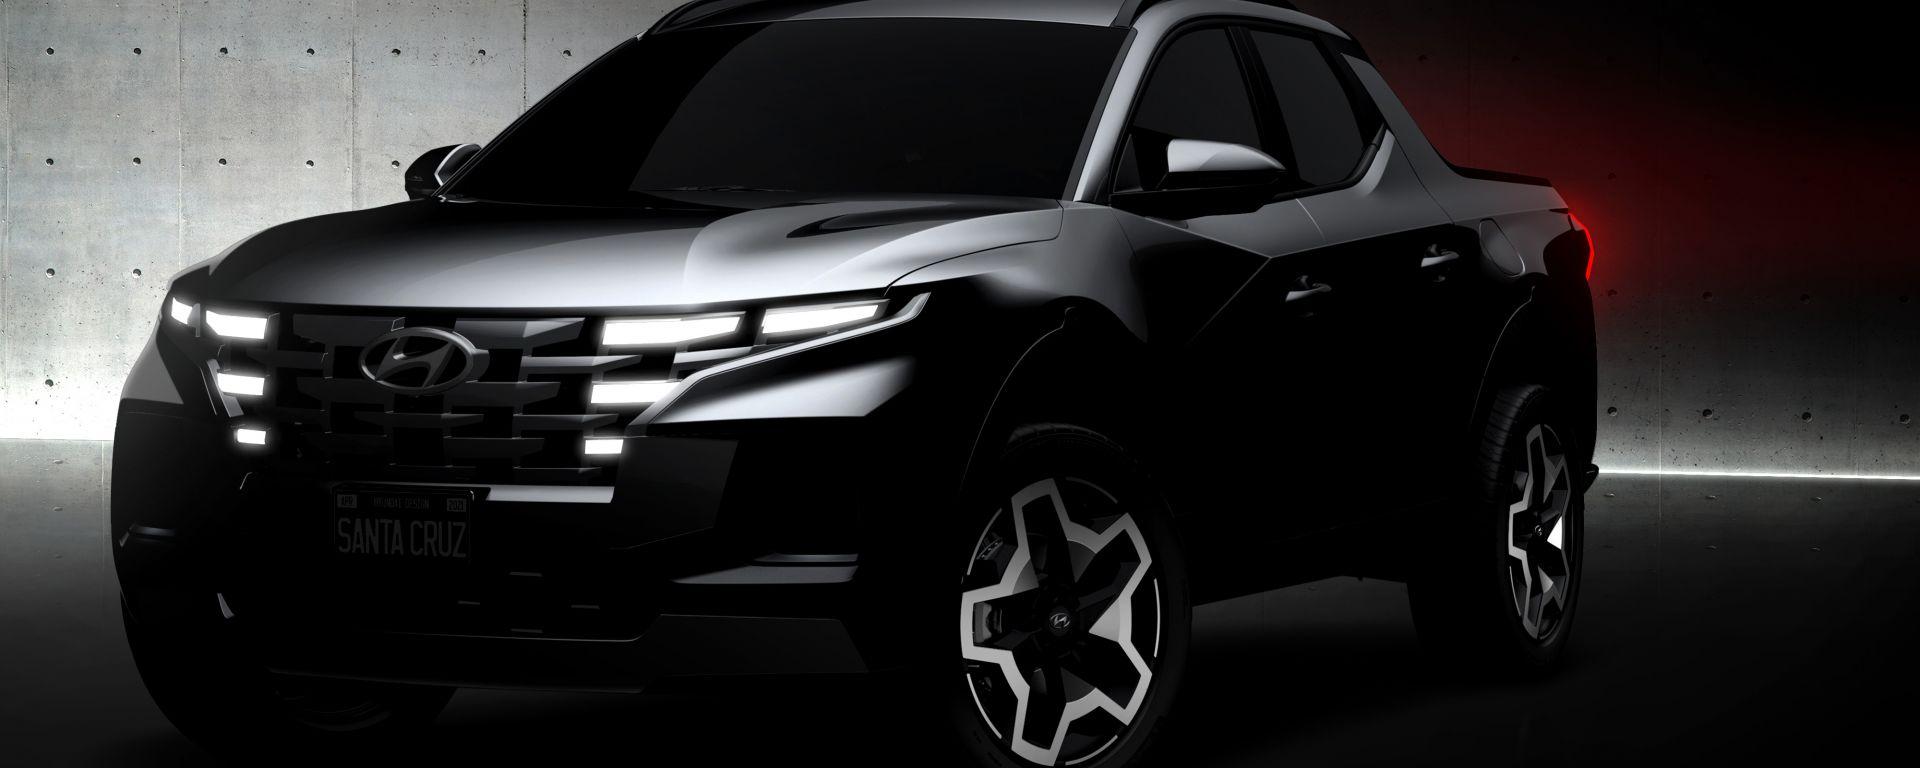 Hyundai Santa Cruz: notate qualche somiglianza?